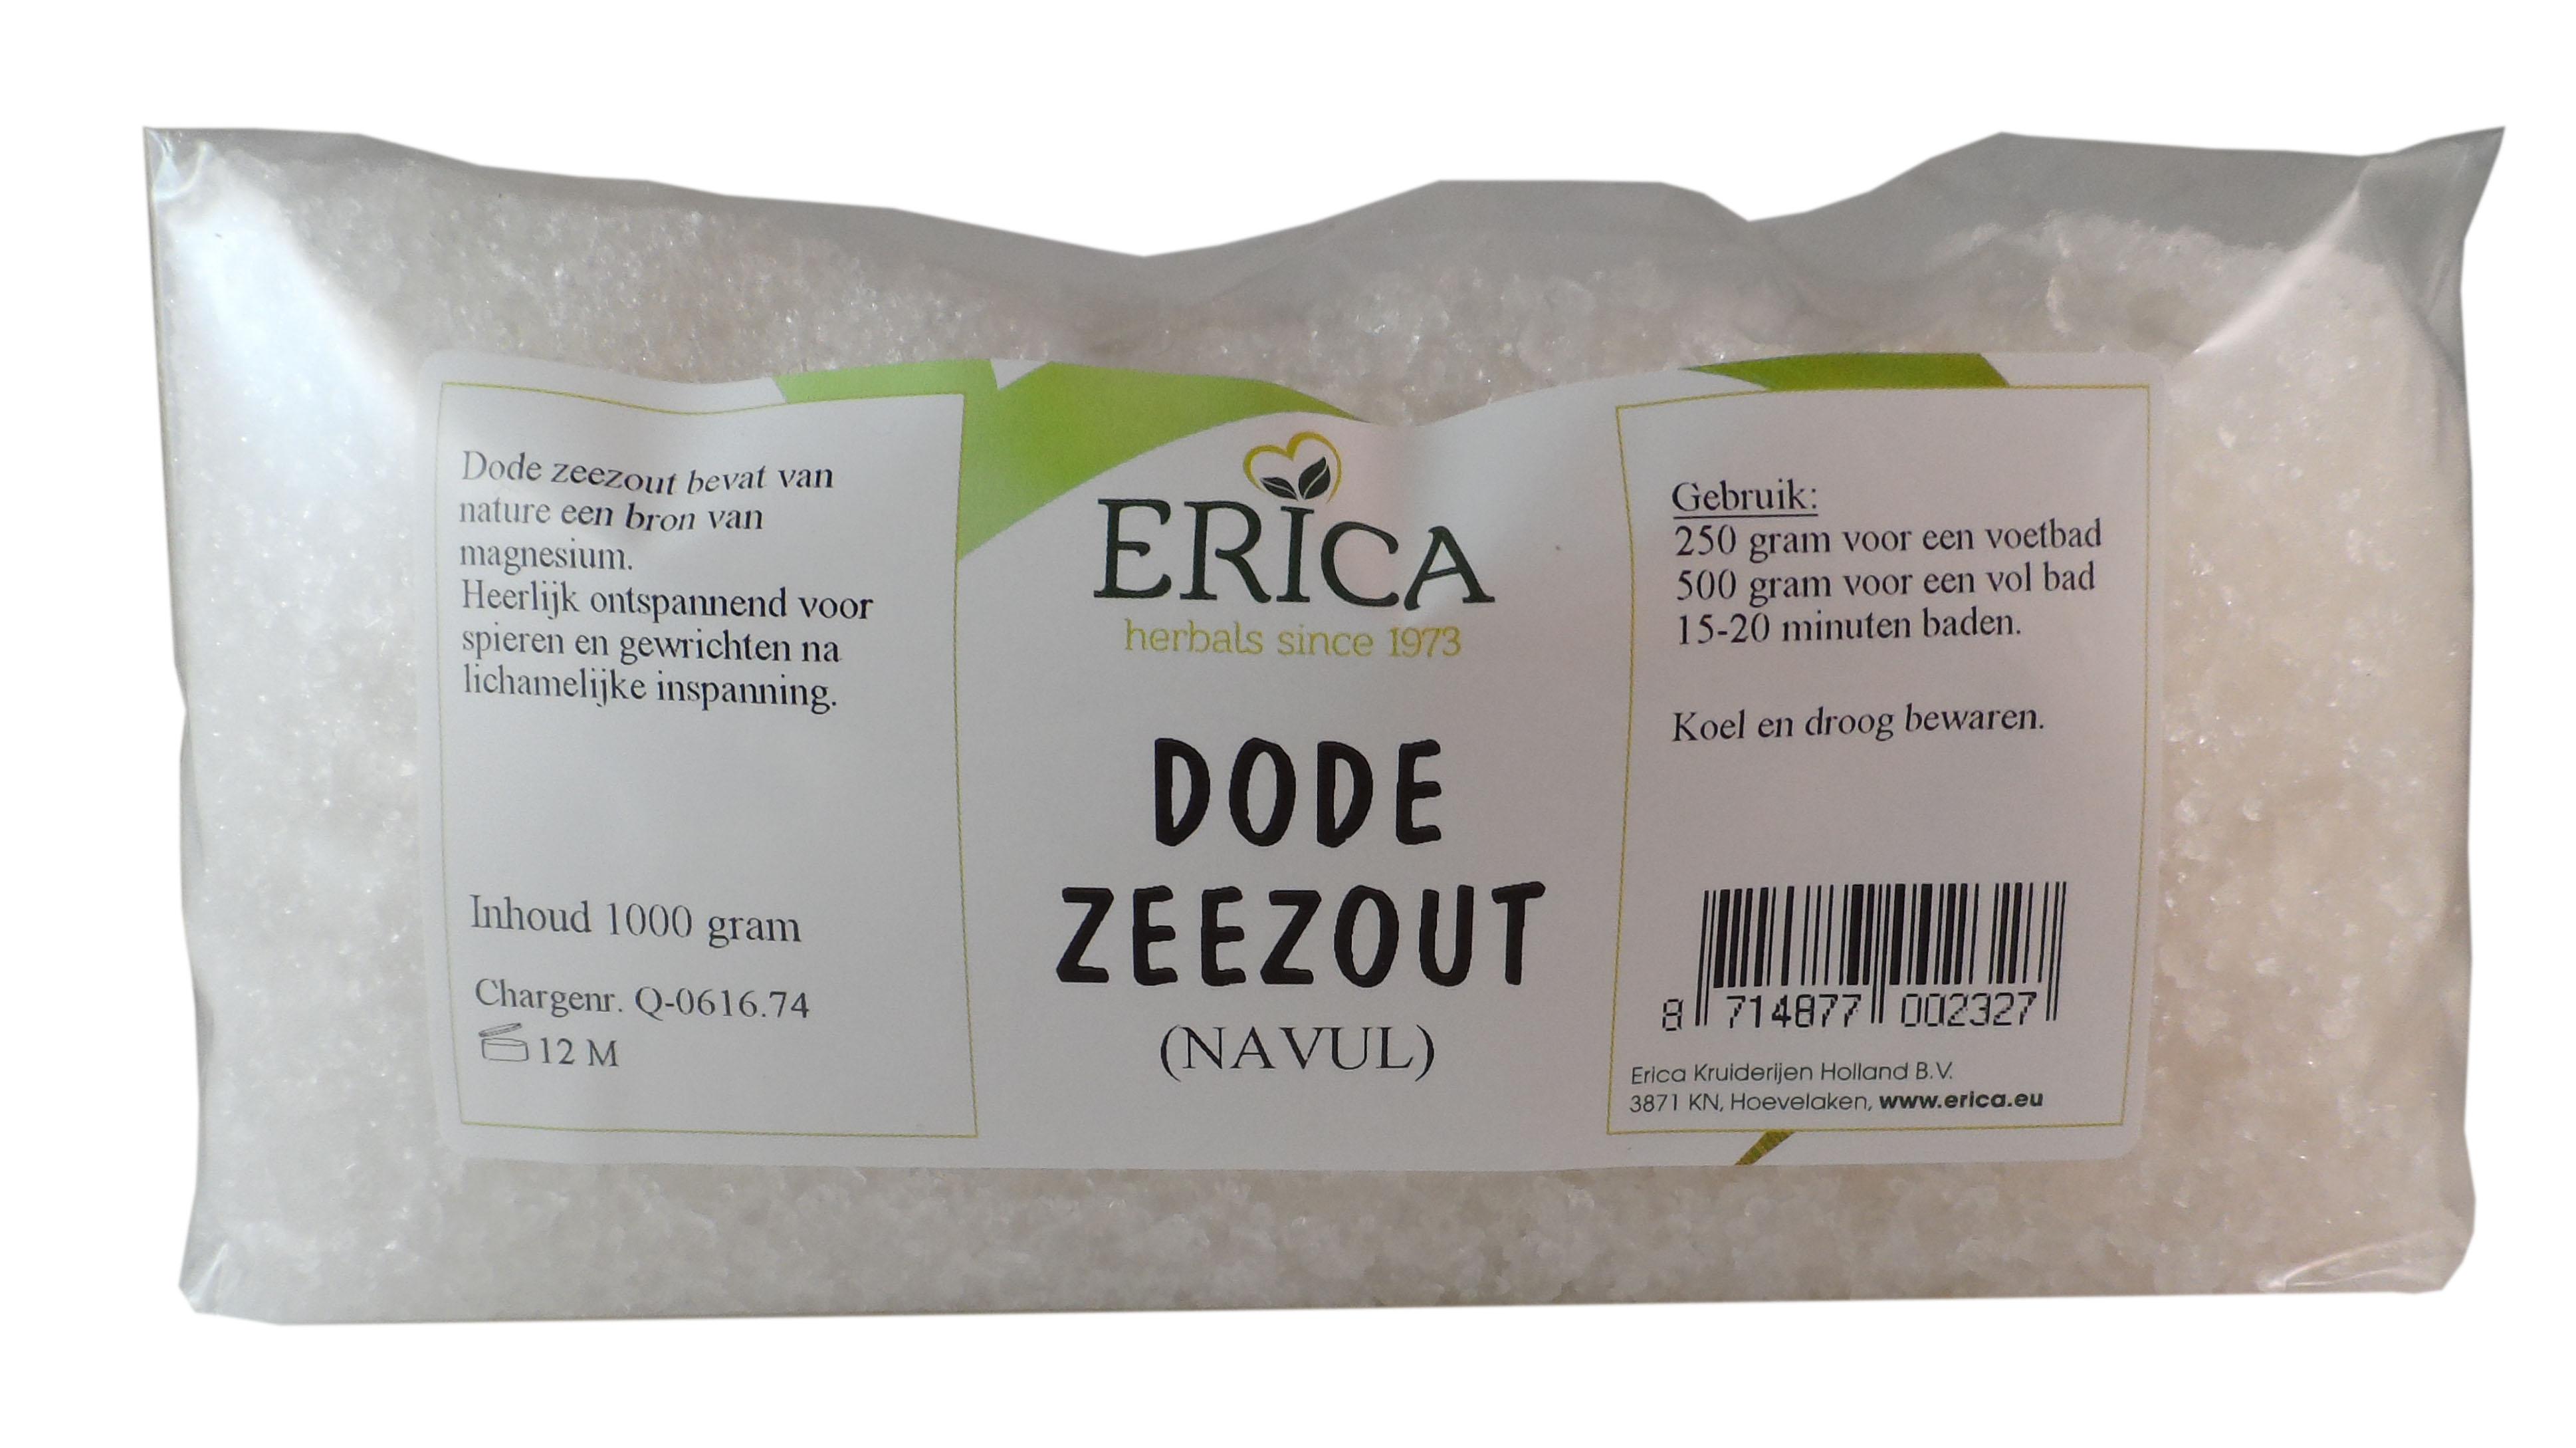 DODE ZEEZOUT NAVUL ZAK (ERICA) 1000 G